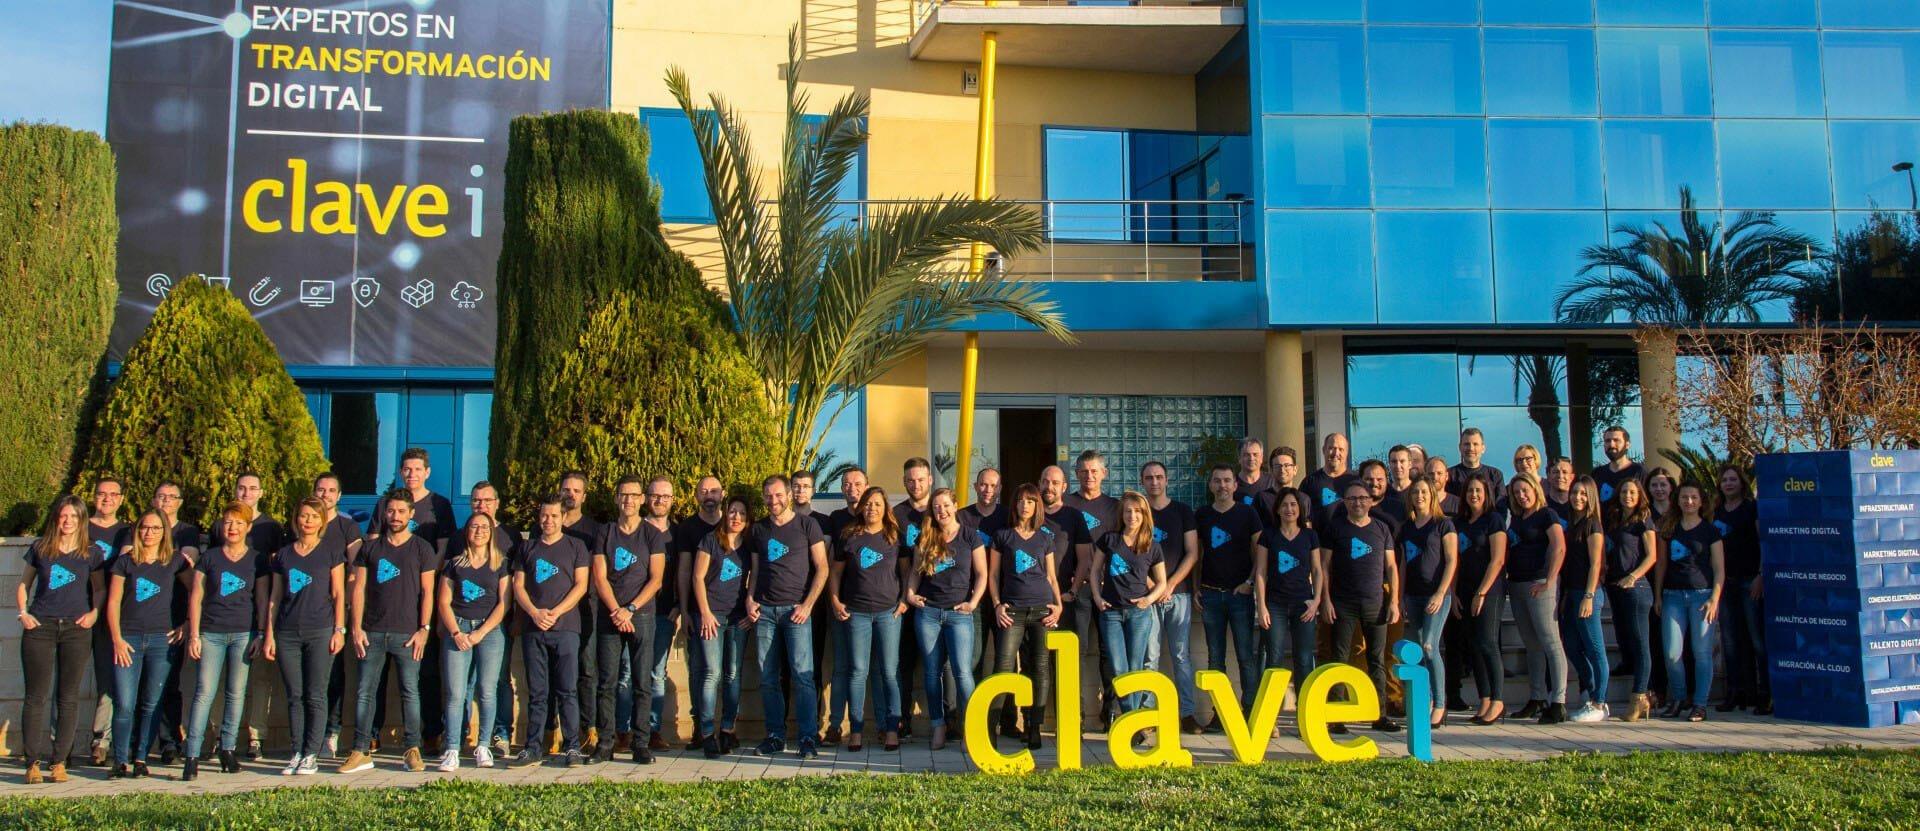 Buscamos el mejor Talento Digital para formar parte de nuestro Equipo a089a70680d25